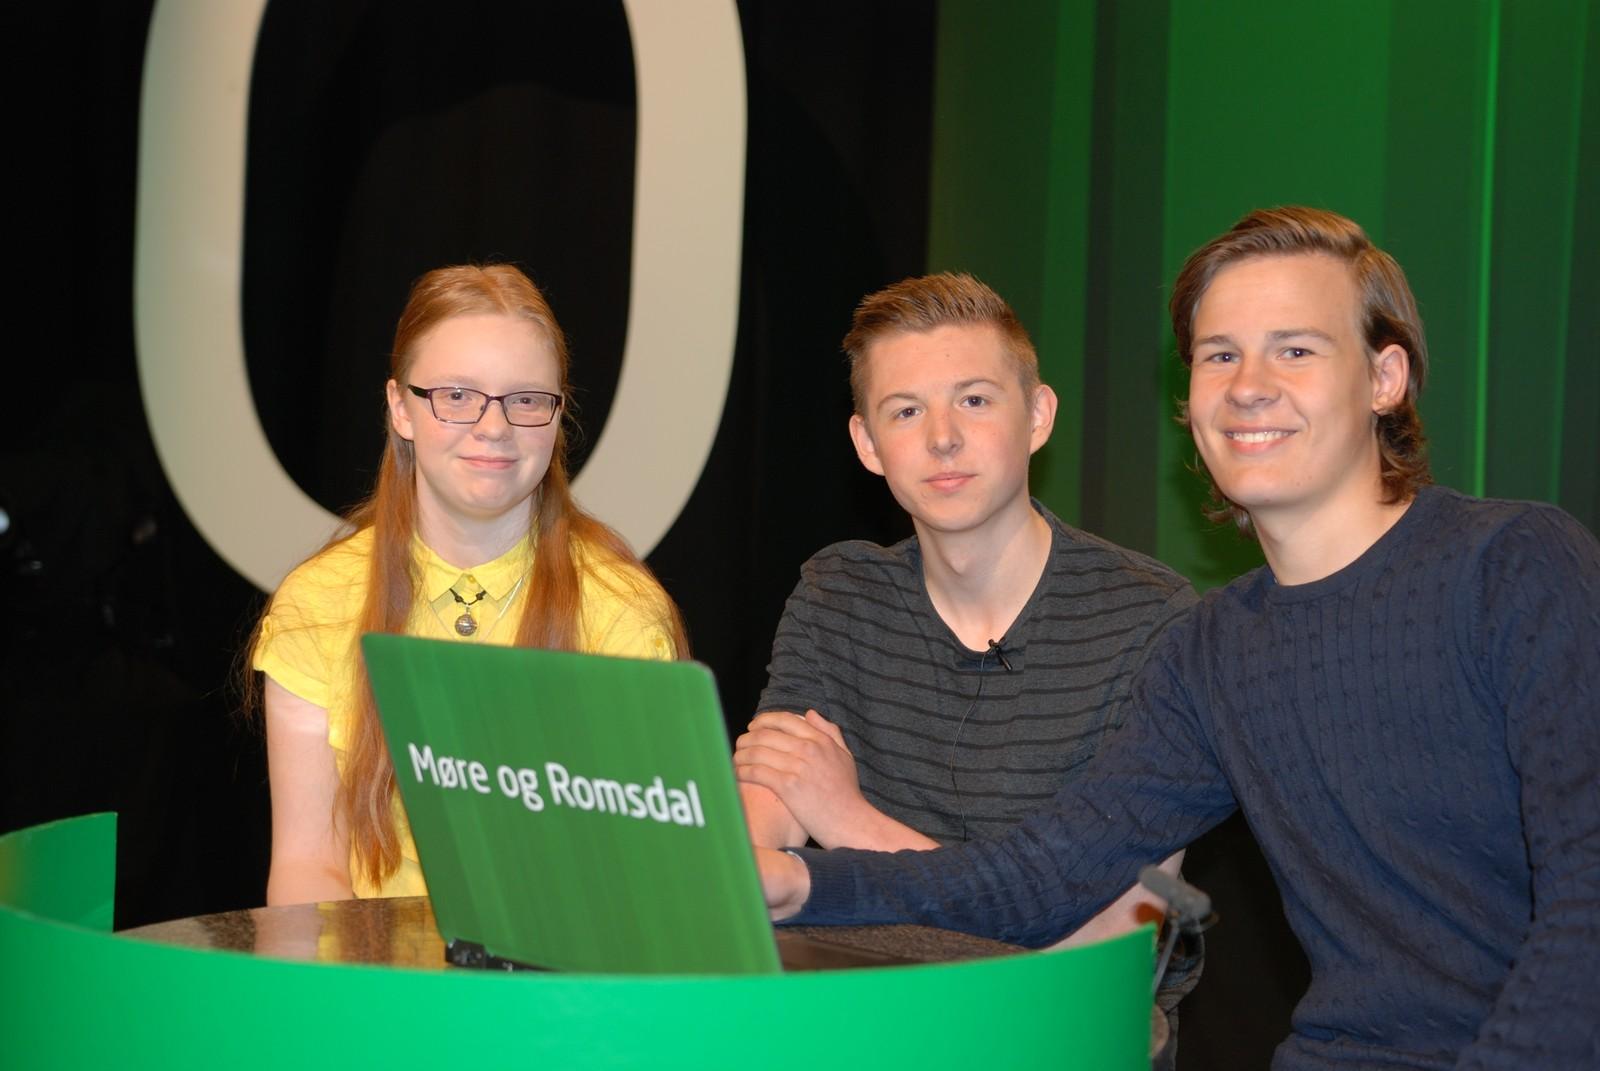 MØRE OG ROMSDAL: Helland skule, Vestnes representert ved Jardar André Furland Sylte, Markus Sele og Astrid Væge.